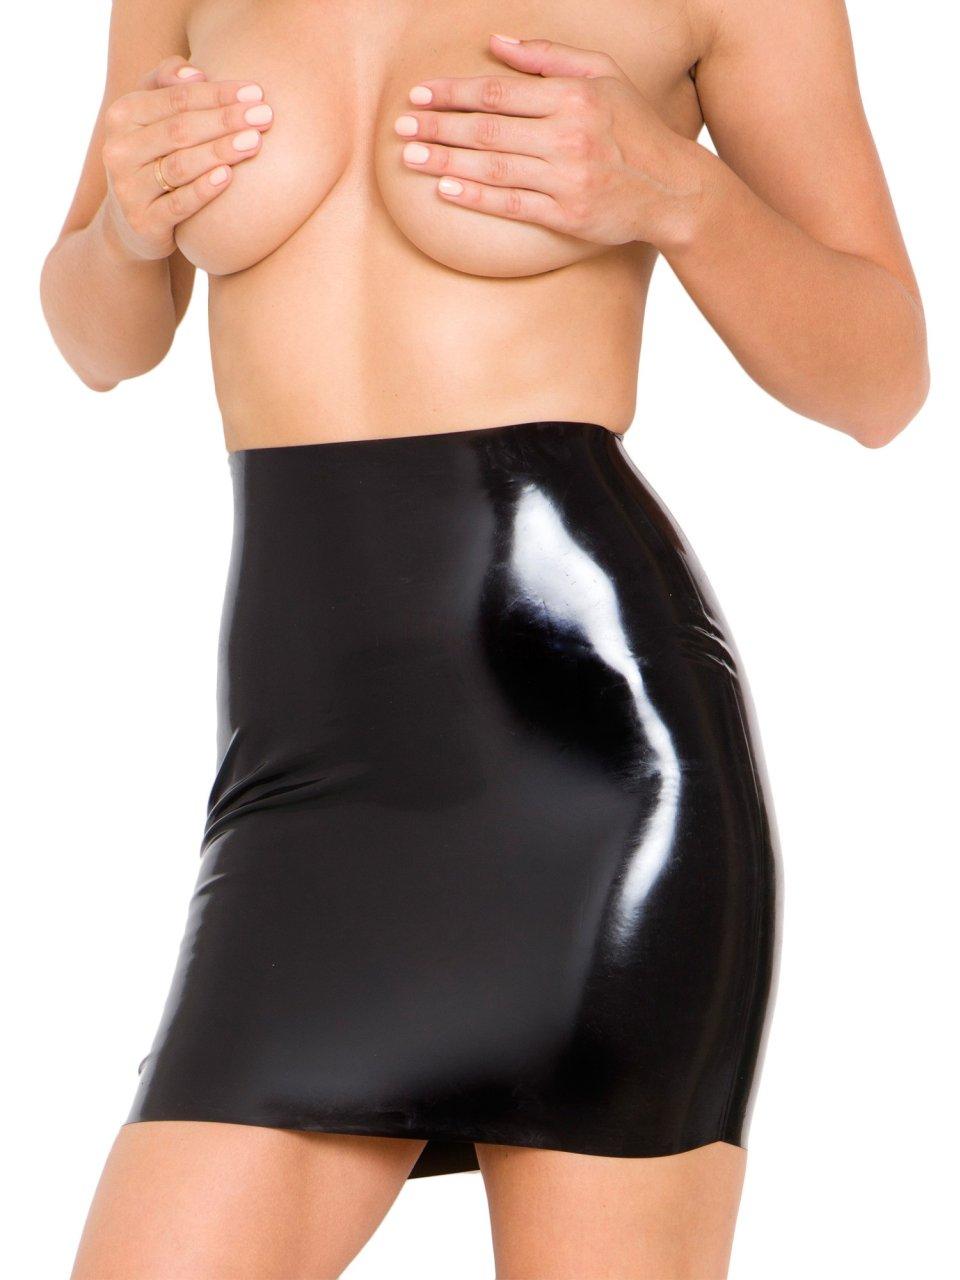 Rosie Jones Topless (17 Photos)